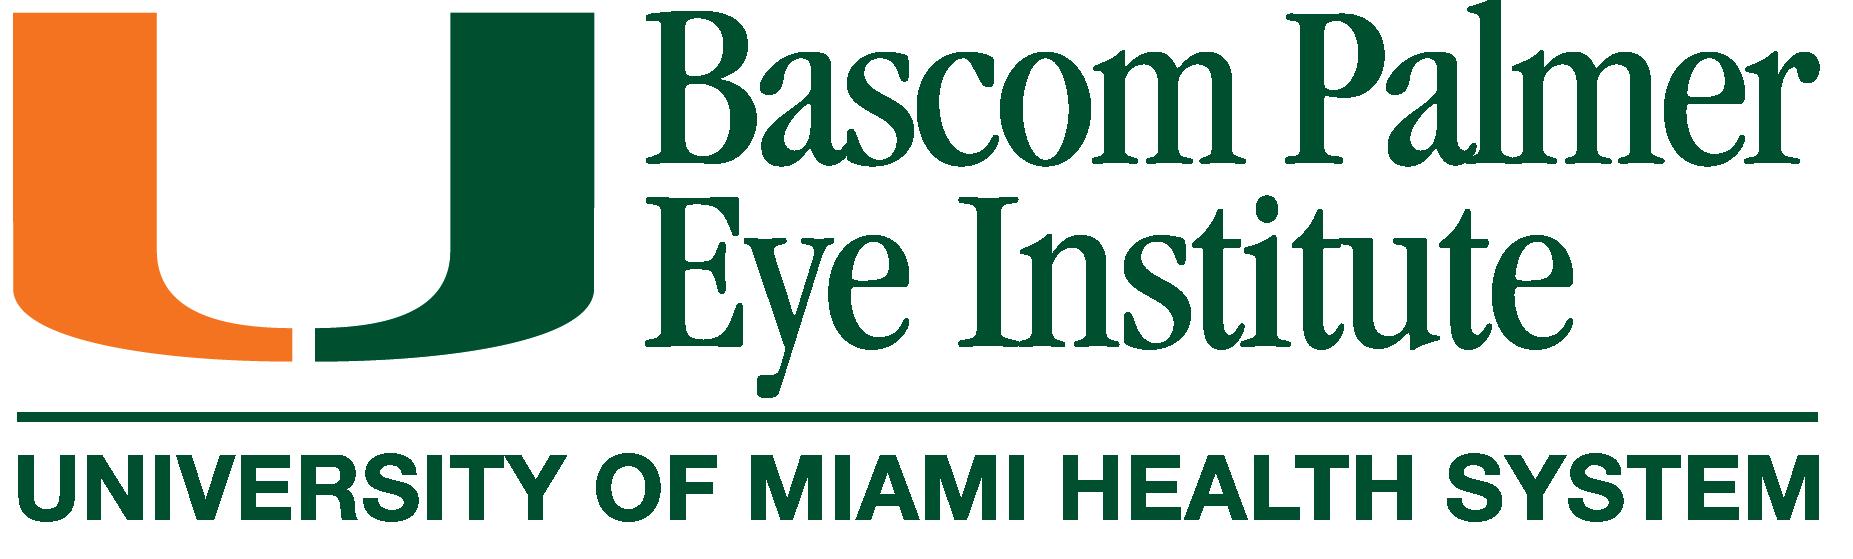 Bascom Palmer